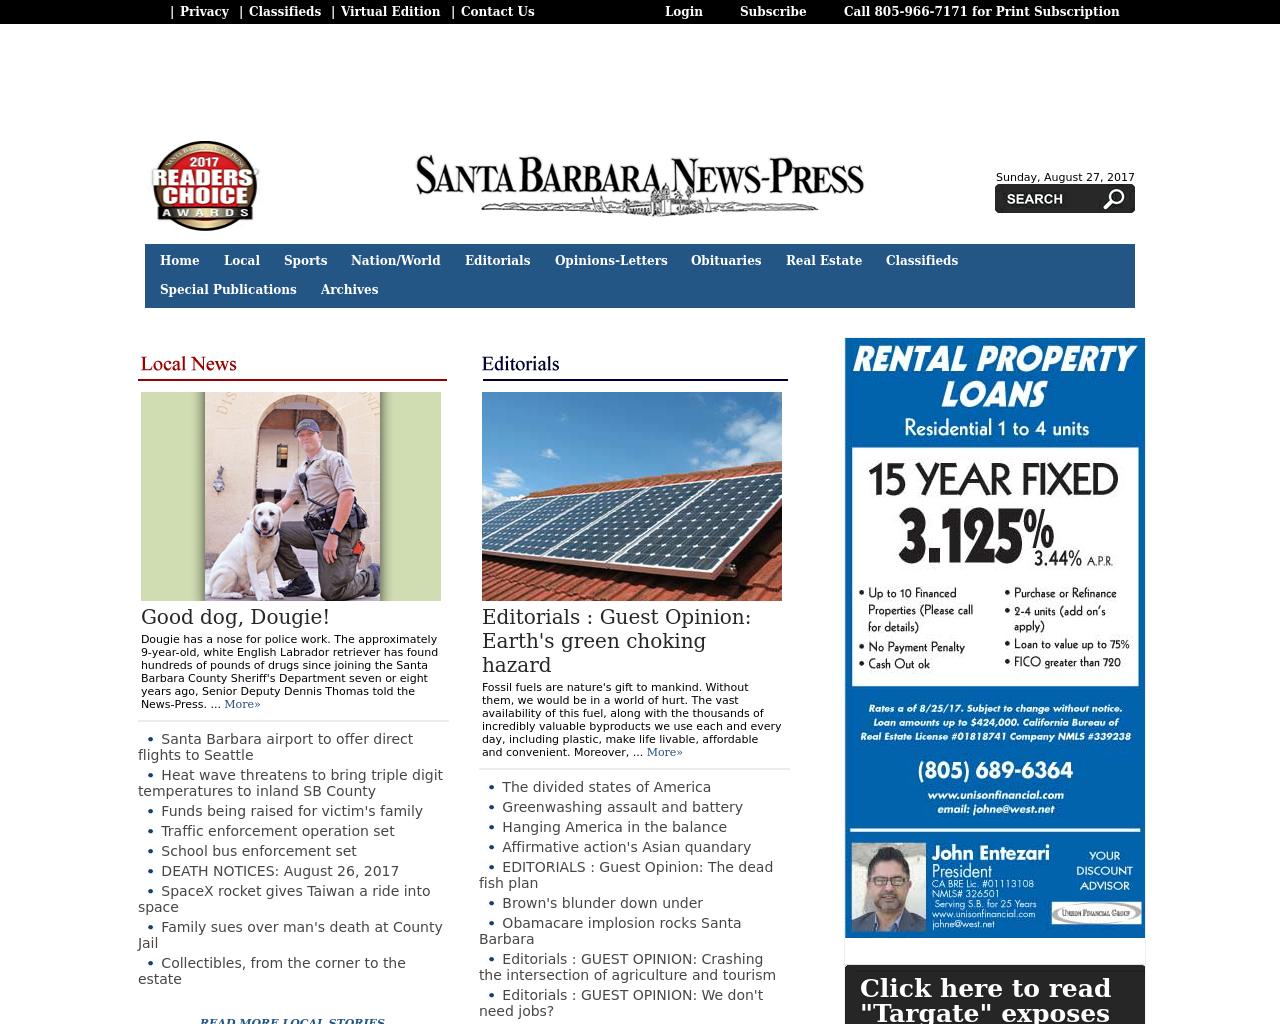 Santa-Barbara-News-Press-Advertising-Reviews-Pricing